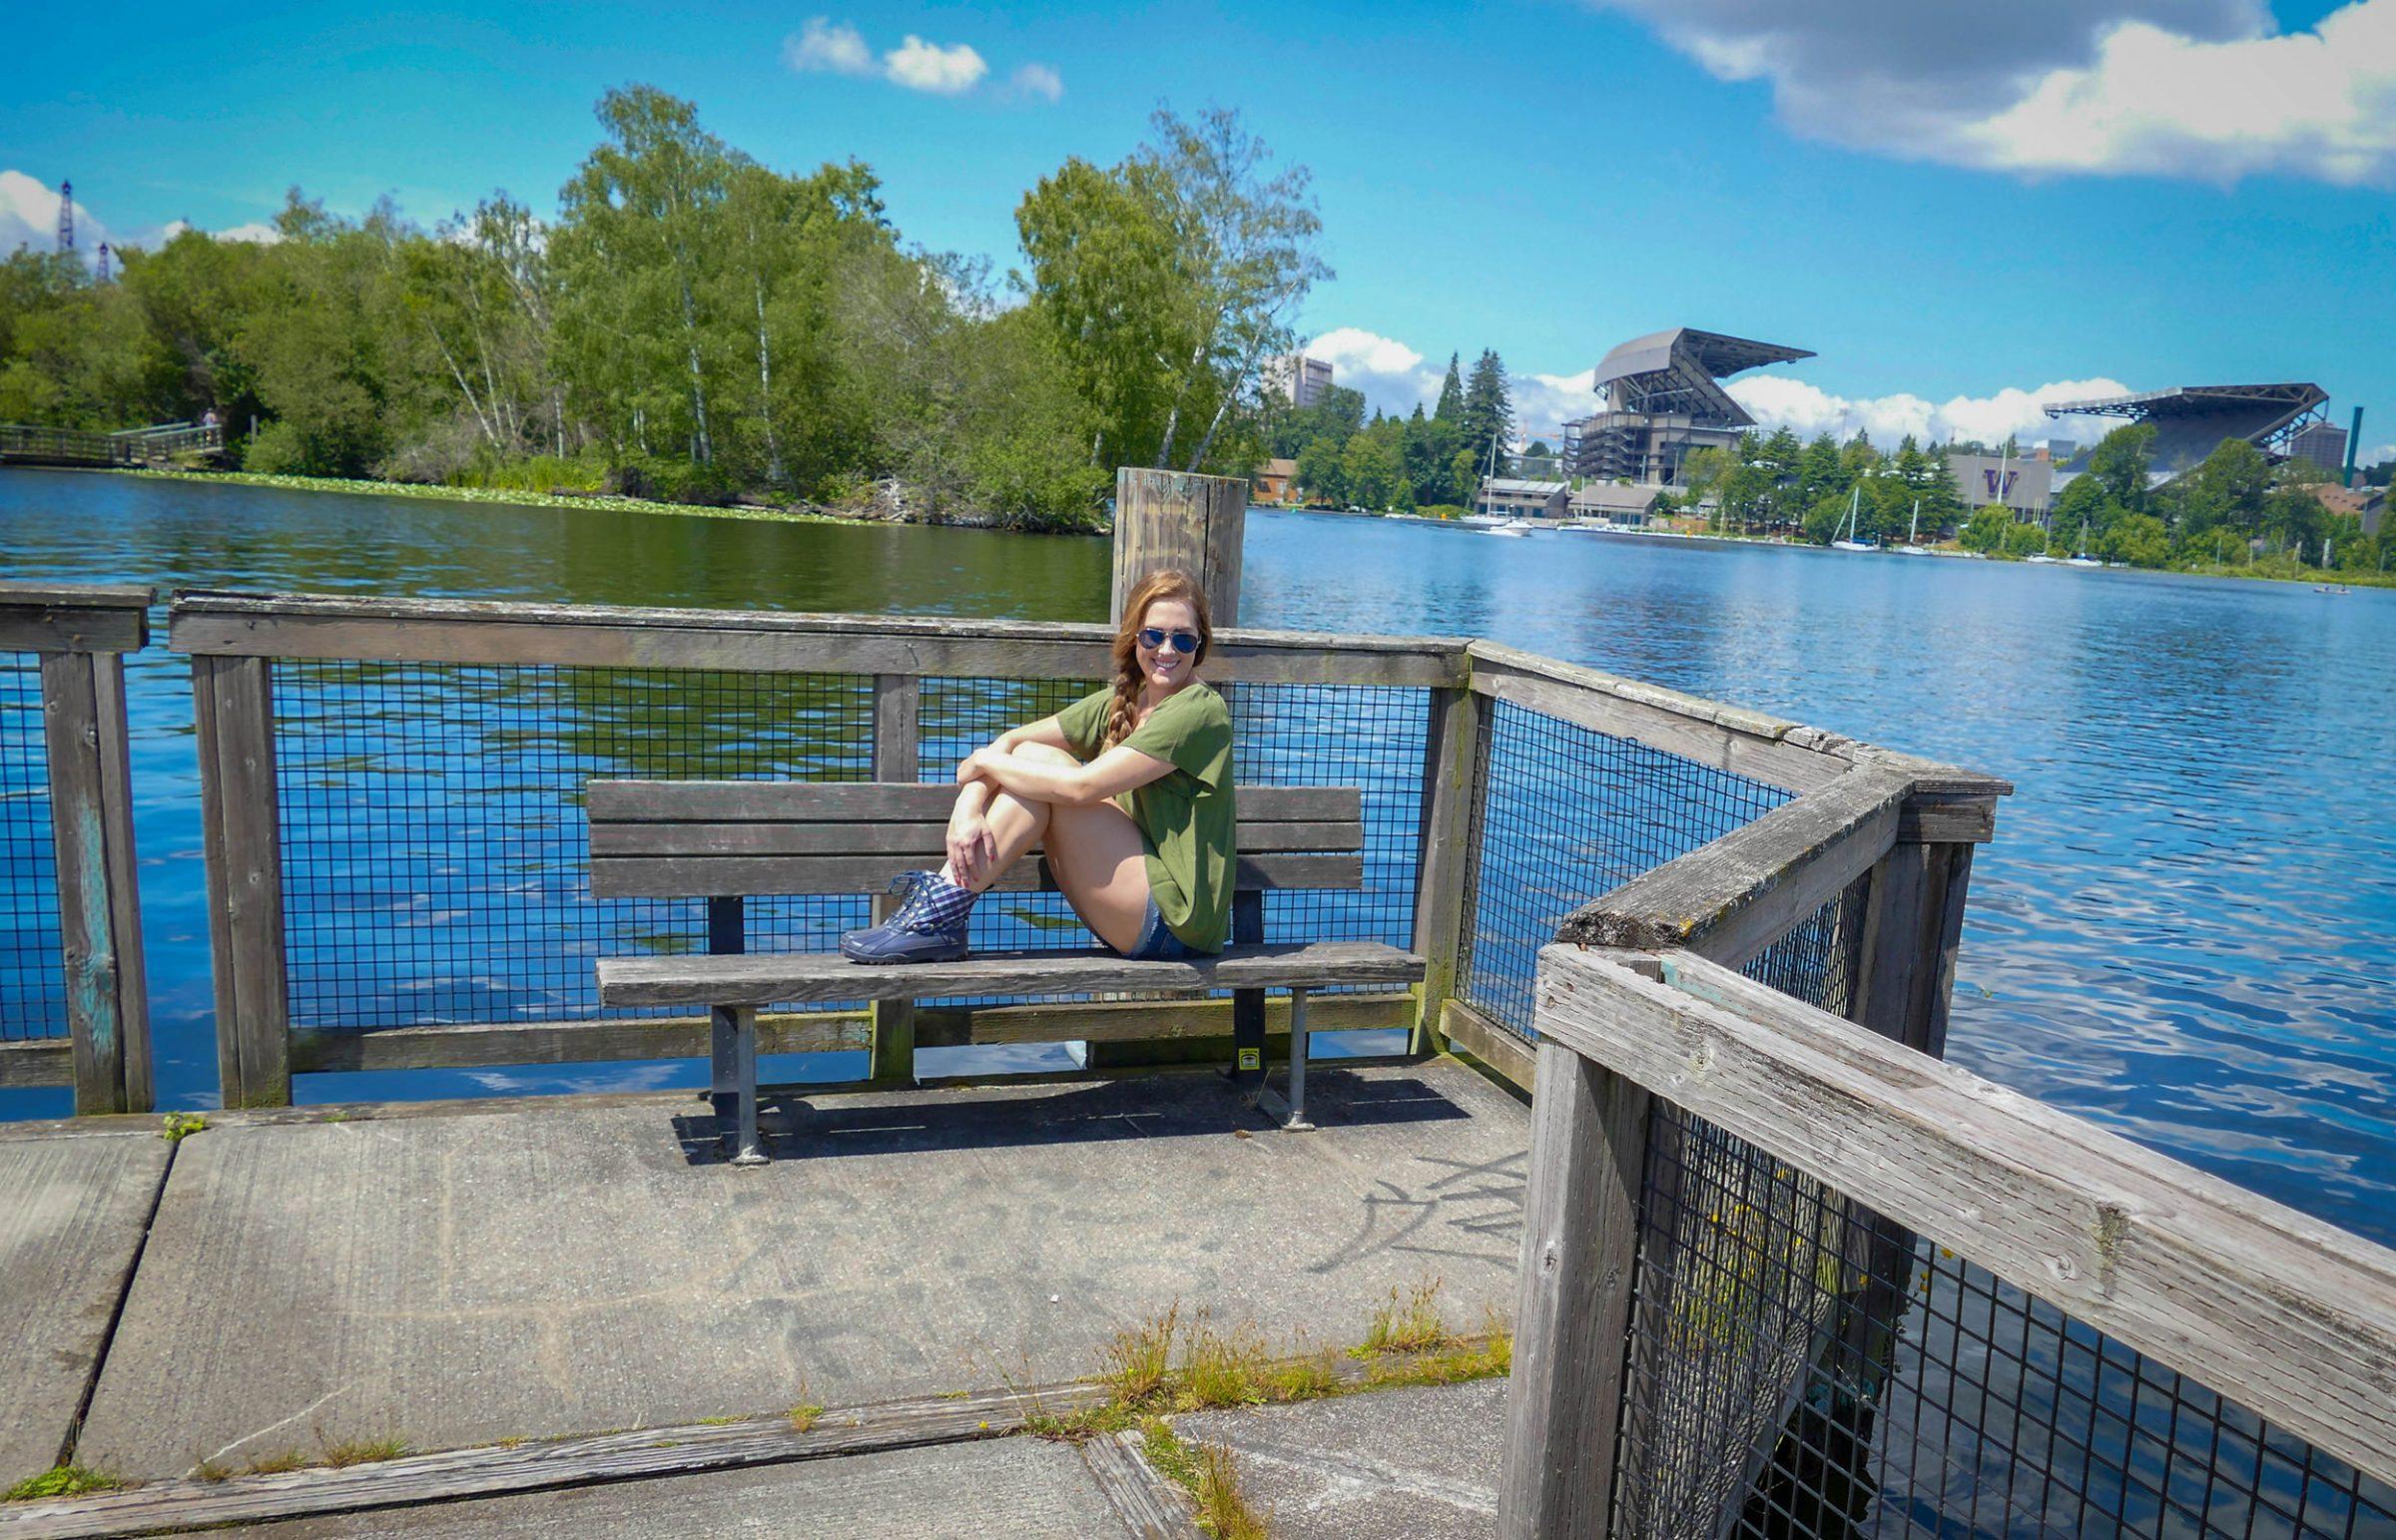 Manhattan - Seattle Connection Washington Park Arboretum E